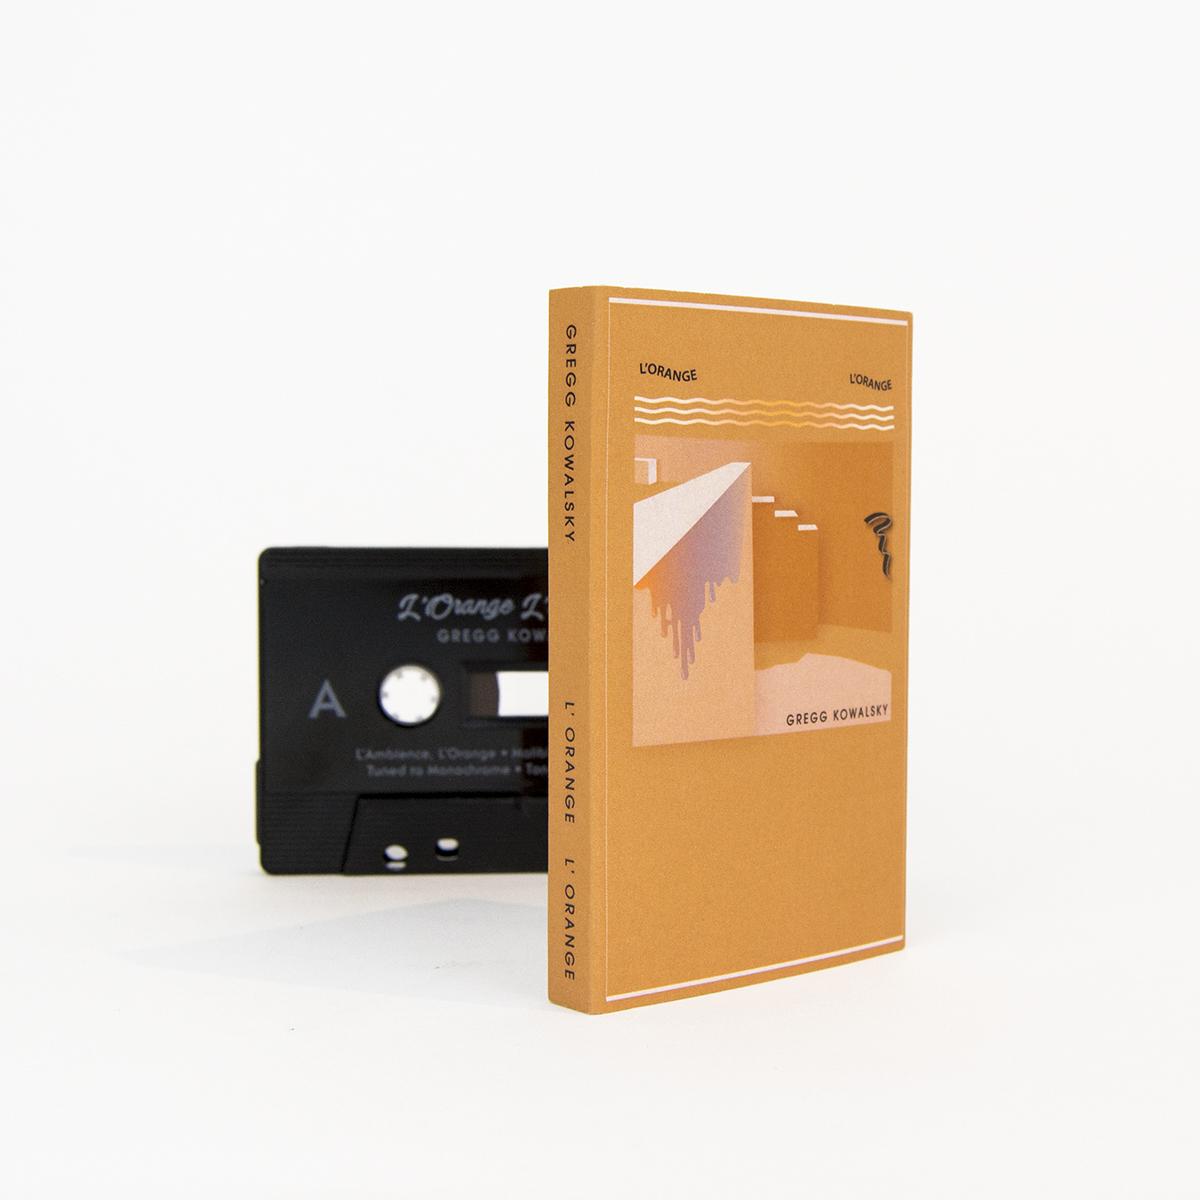 Gregg Kowalsky - L'Orange, L'Orange limited edition cassette